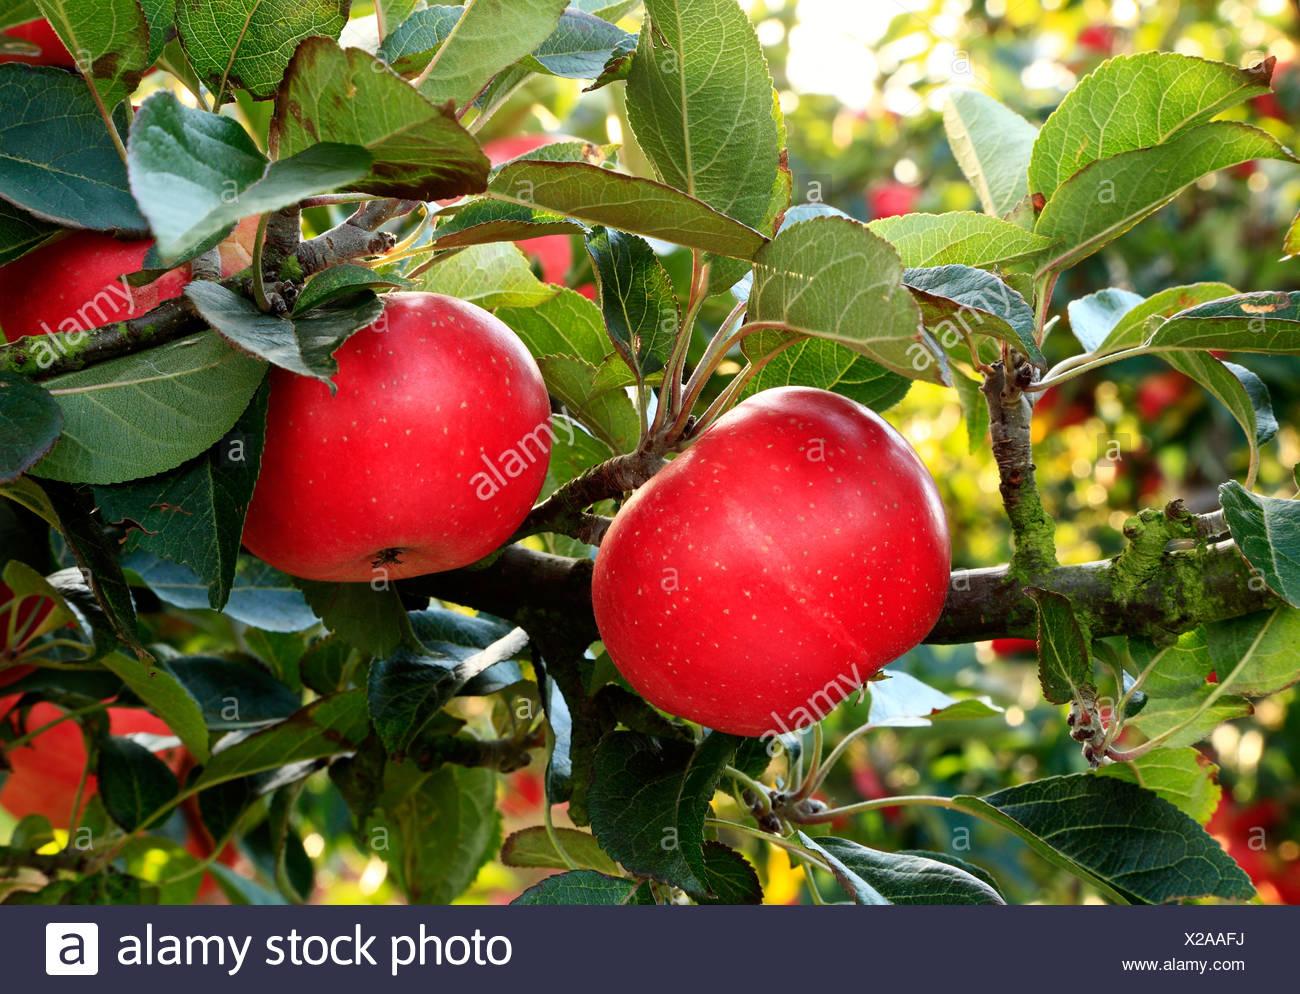 Apple 'scoperta', malus domestica, mele, chiamato varietà varietà crescente su albero Immagini Stock